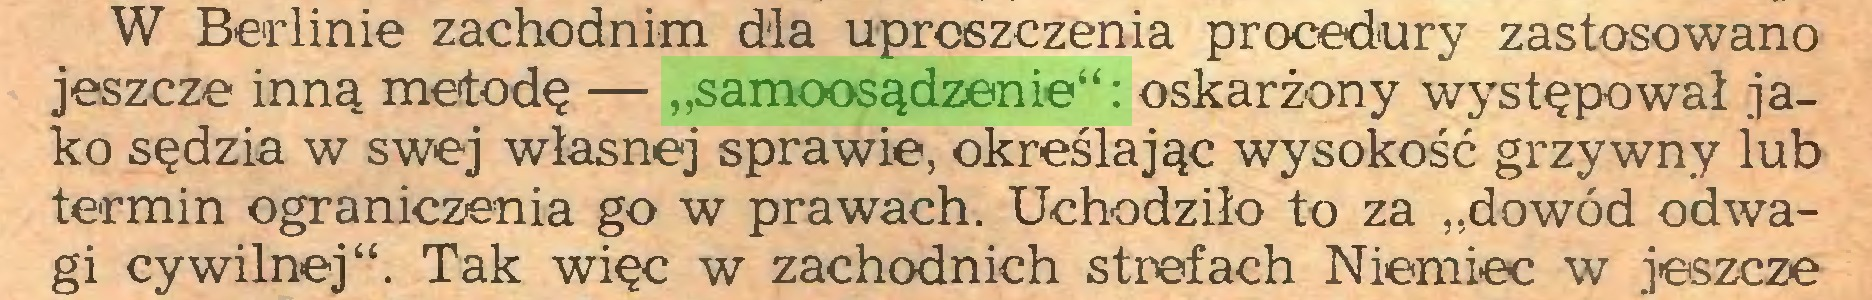 """(...) W Berlinie zachodnim dla uproszczenia procedury zastosowano jeszcze inną metodę — """"samoosądzenie"""": oskarżony występował jako sędzia w swej własnej sprawie, określając wysokość grzywny lub termin ograniczenia go w prawach. Uchodziło to za """"dowód odwagi cywilnej"""". Tak więc w zachodnich strefach Niemiec w jeszcze..."""